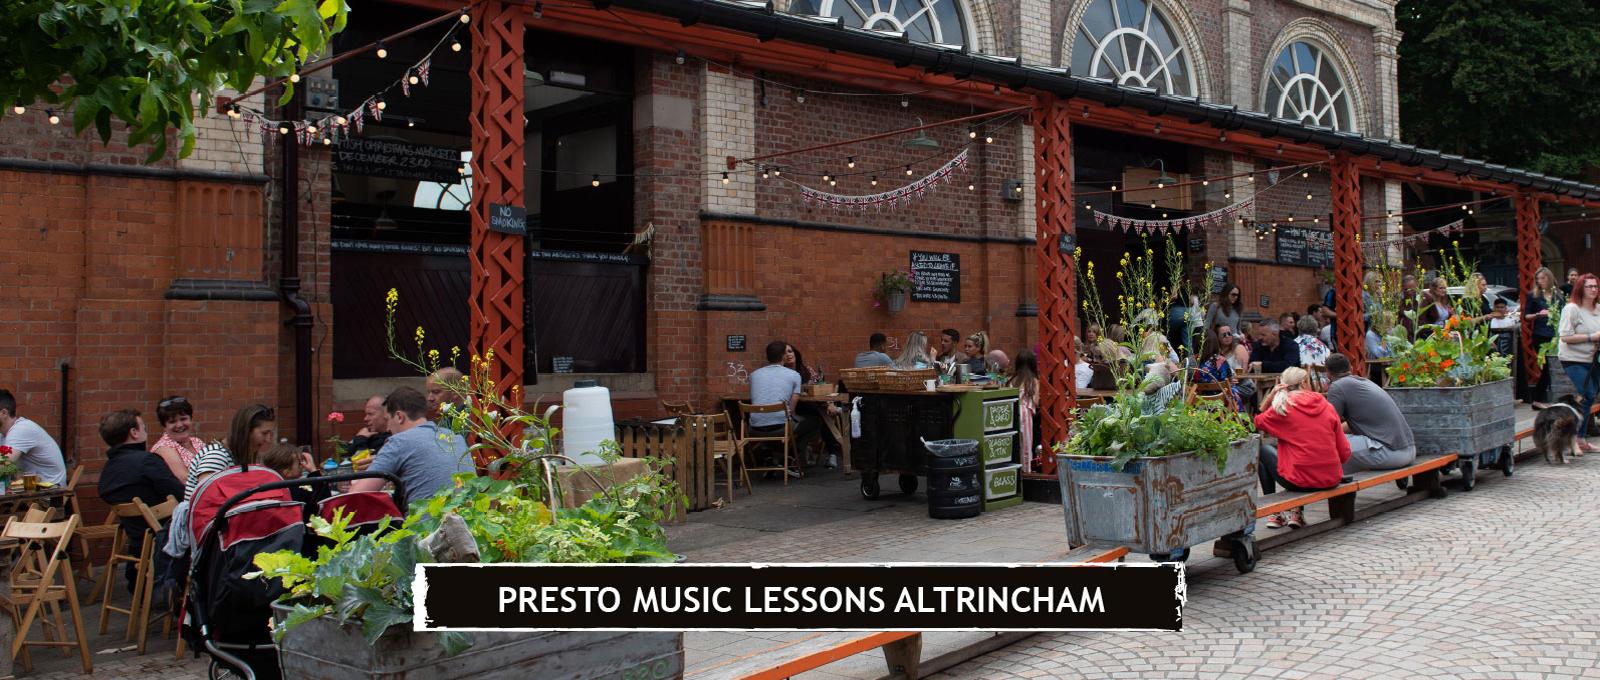 Presto Music Lessons Altrincham